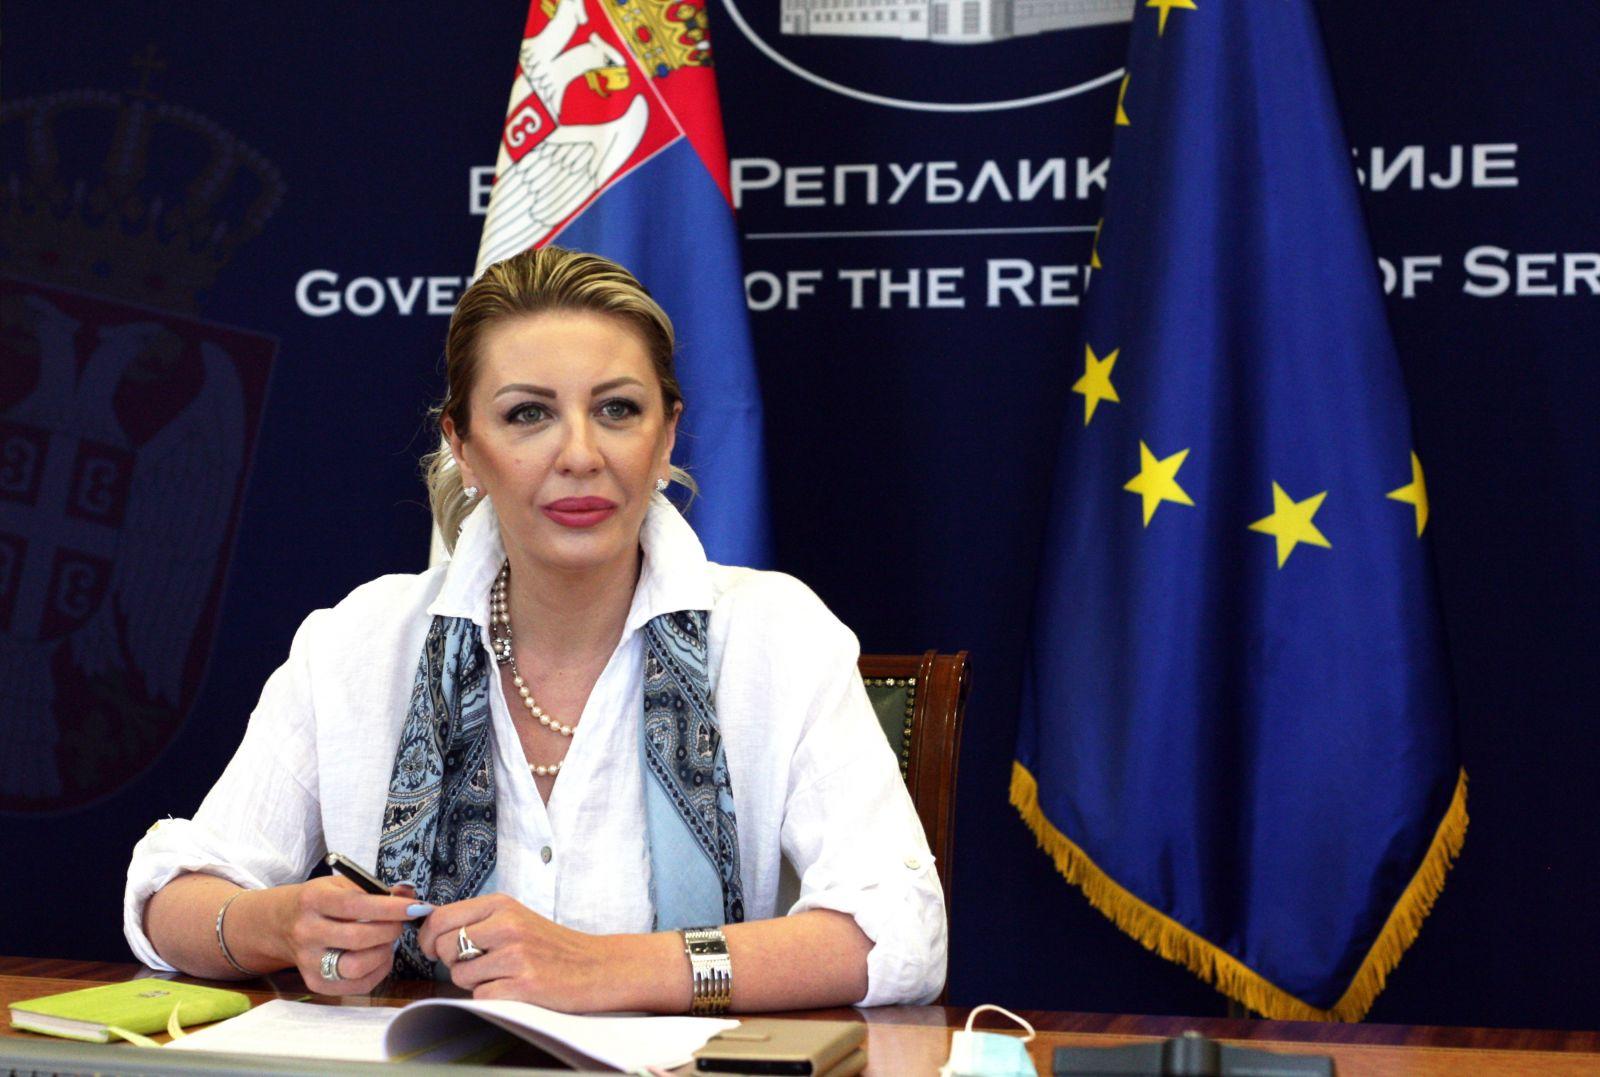 Ј. Јоксимовић: Наставак приче о емаципацији и наталитету